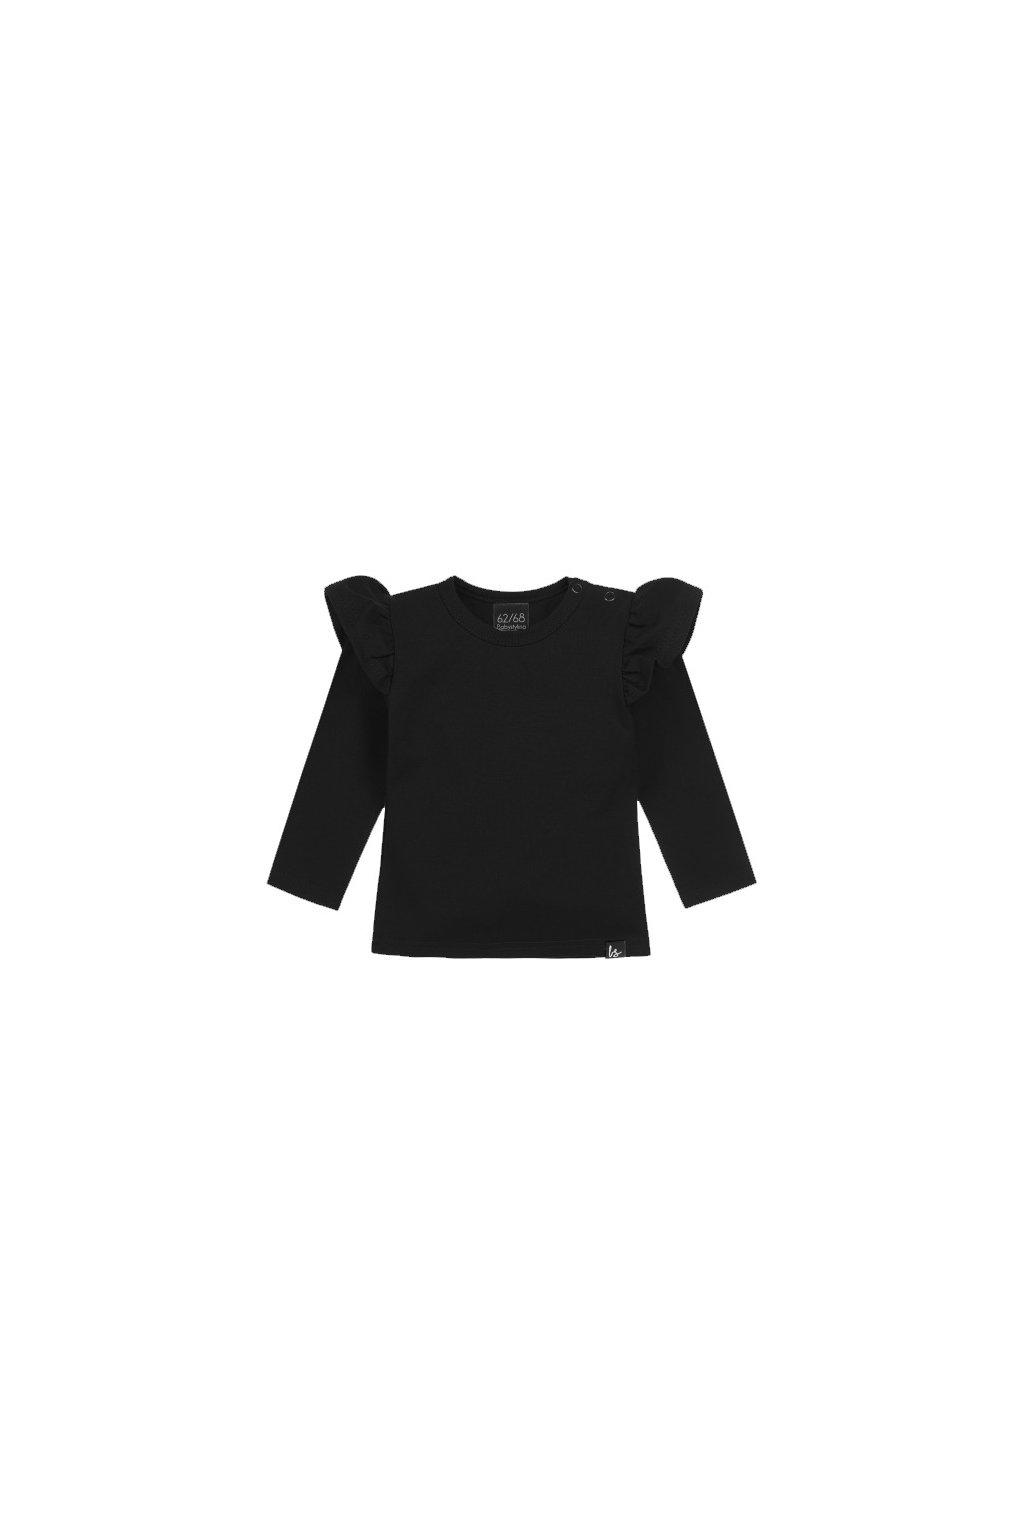 ruffle longsleeve zwart babystyling (1)